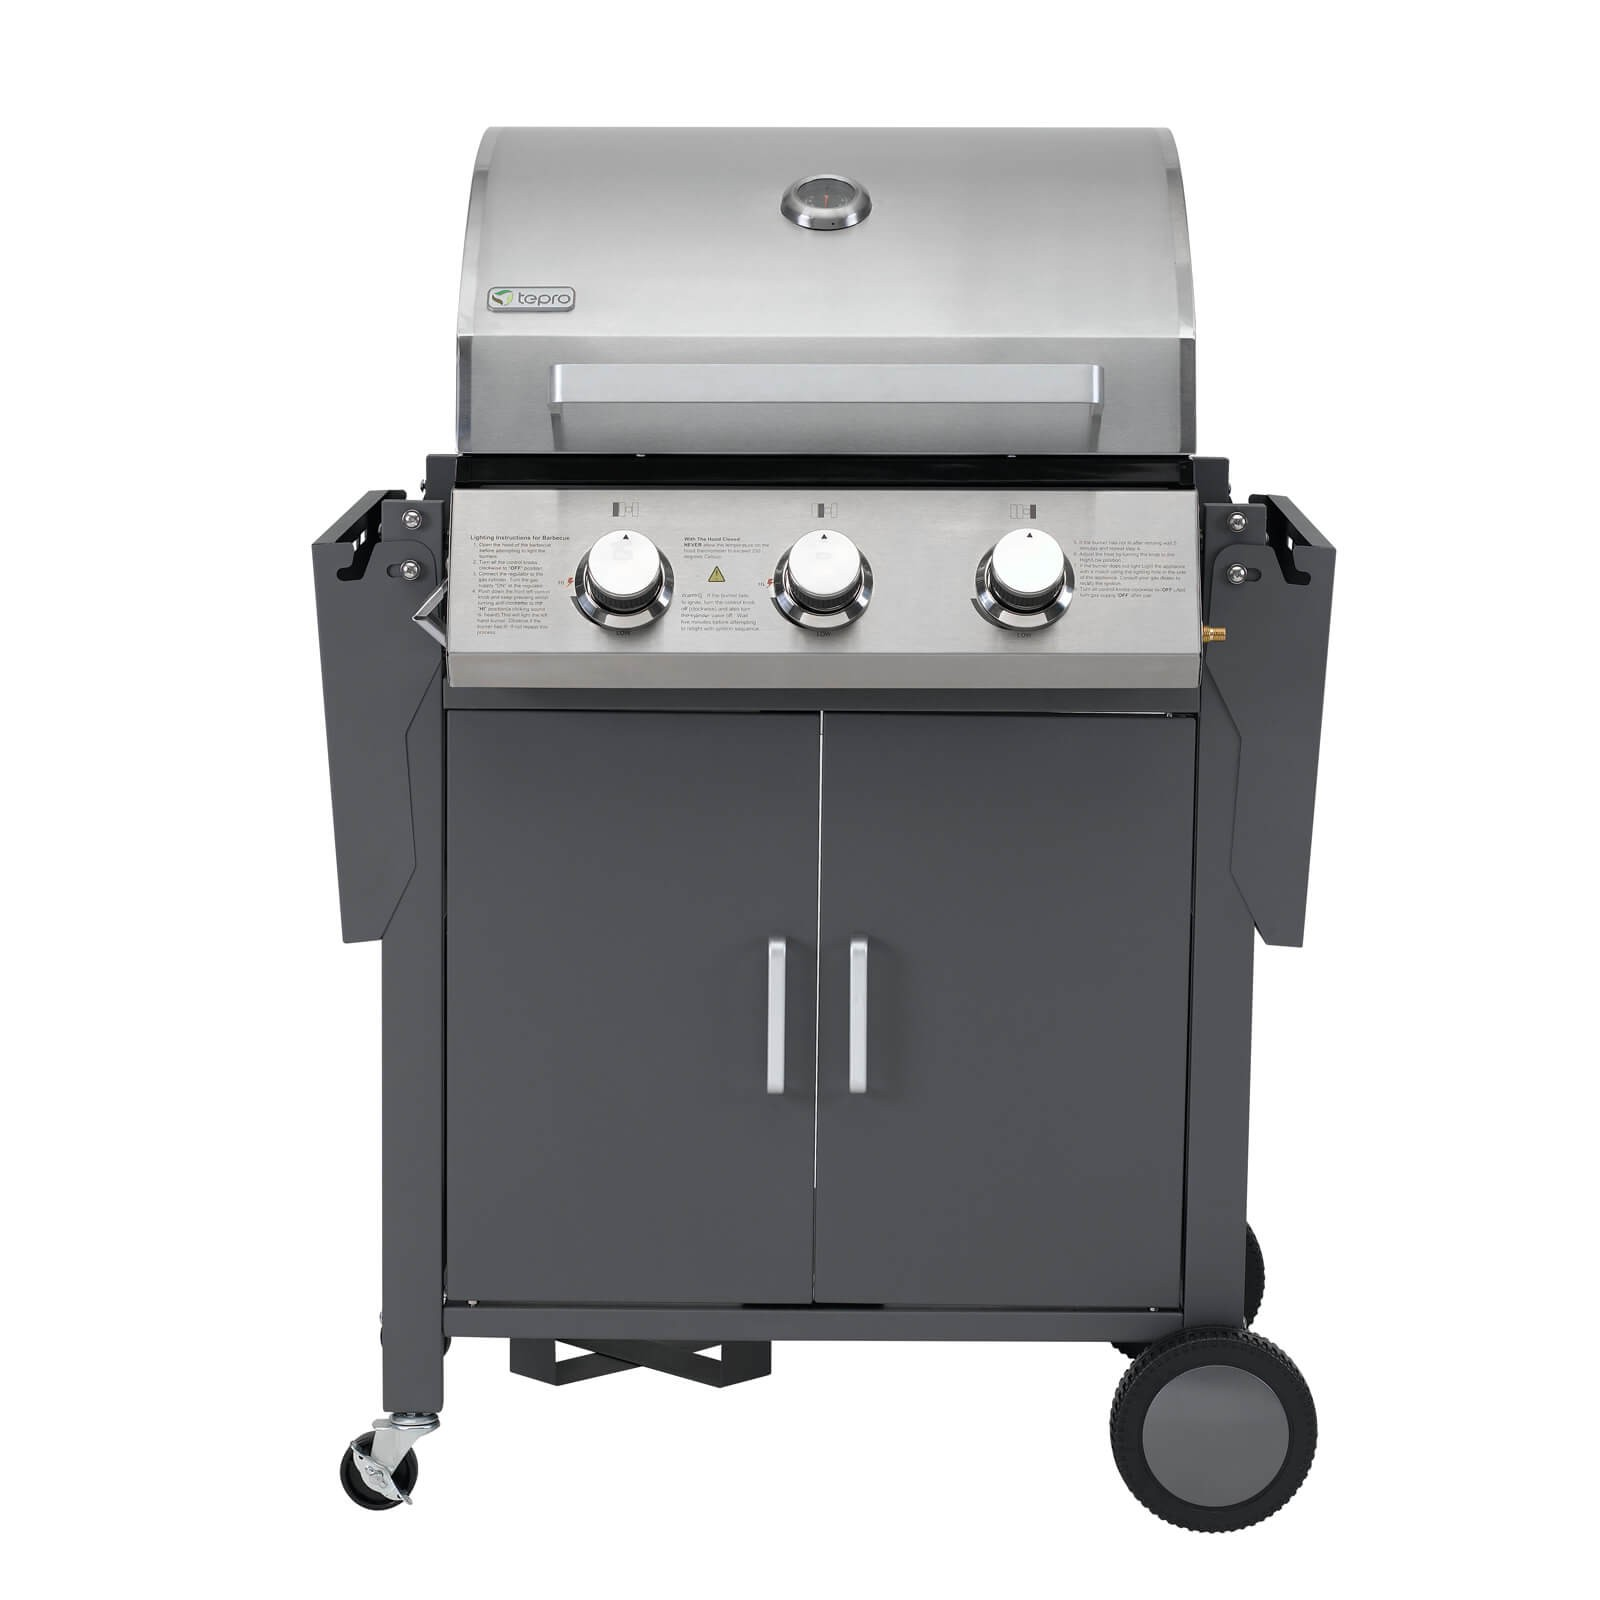 tepro gasgrillwagen barbecue gasgrill westmont. Black Bedroom Furniture Sets. Home Design Ideas